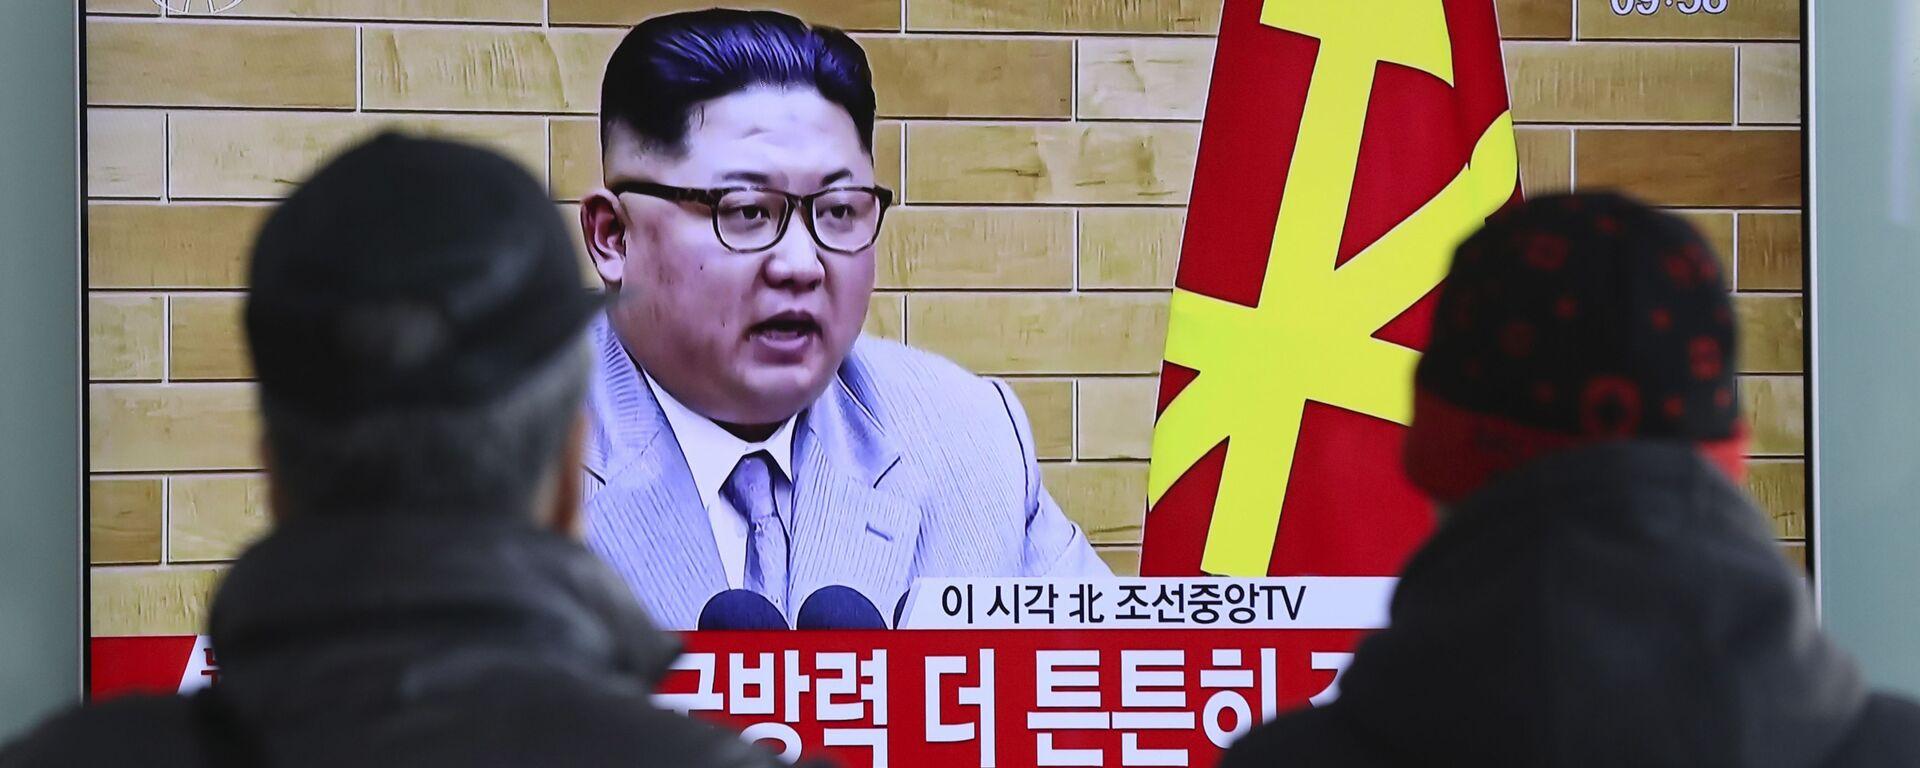 Transmisja wystąpienia lidera KRLD Kim Dzong Una na ekranach na dworcu kolejowym w Seulu - Sputnik Polska, 1920, 31.05.2021